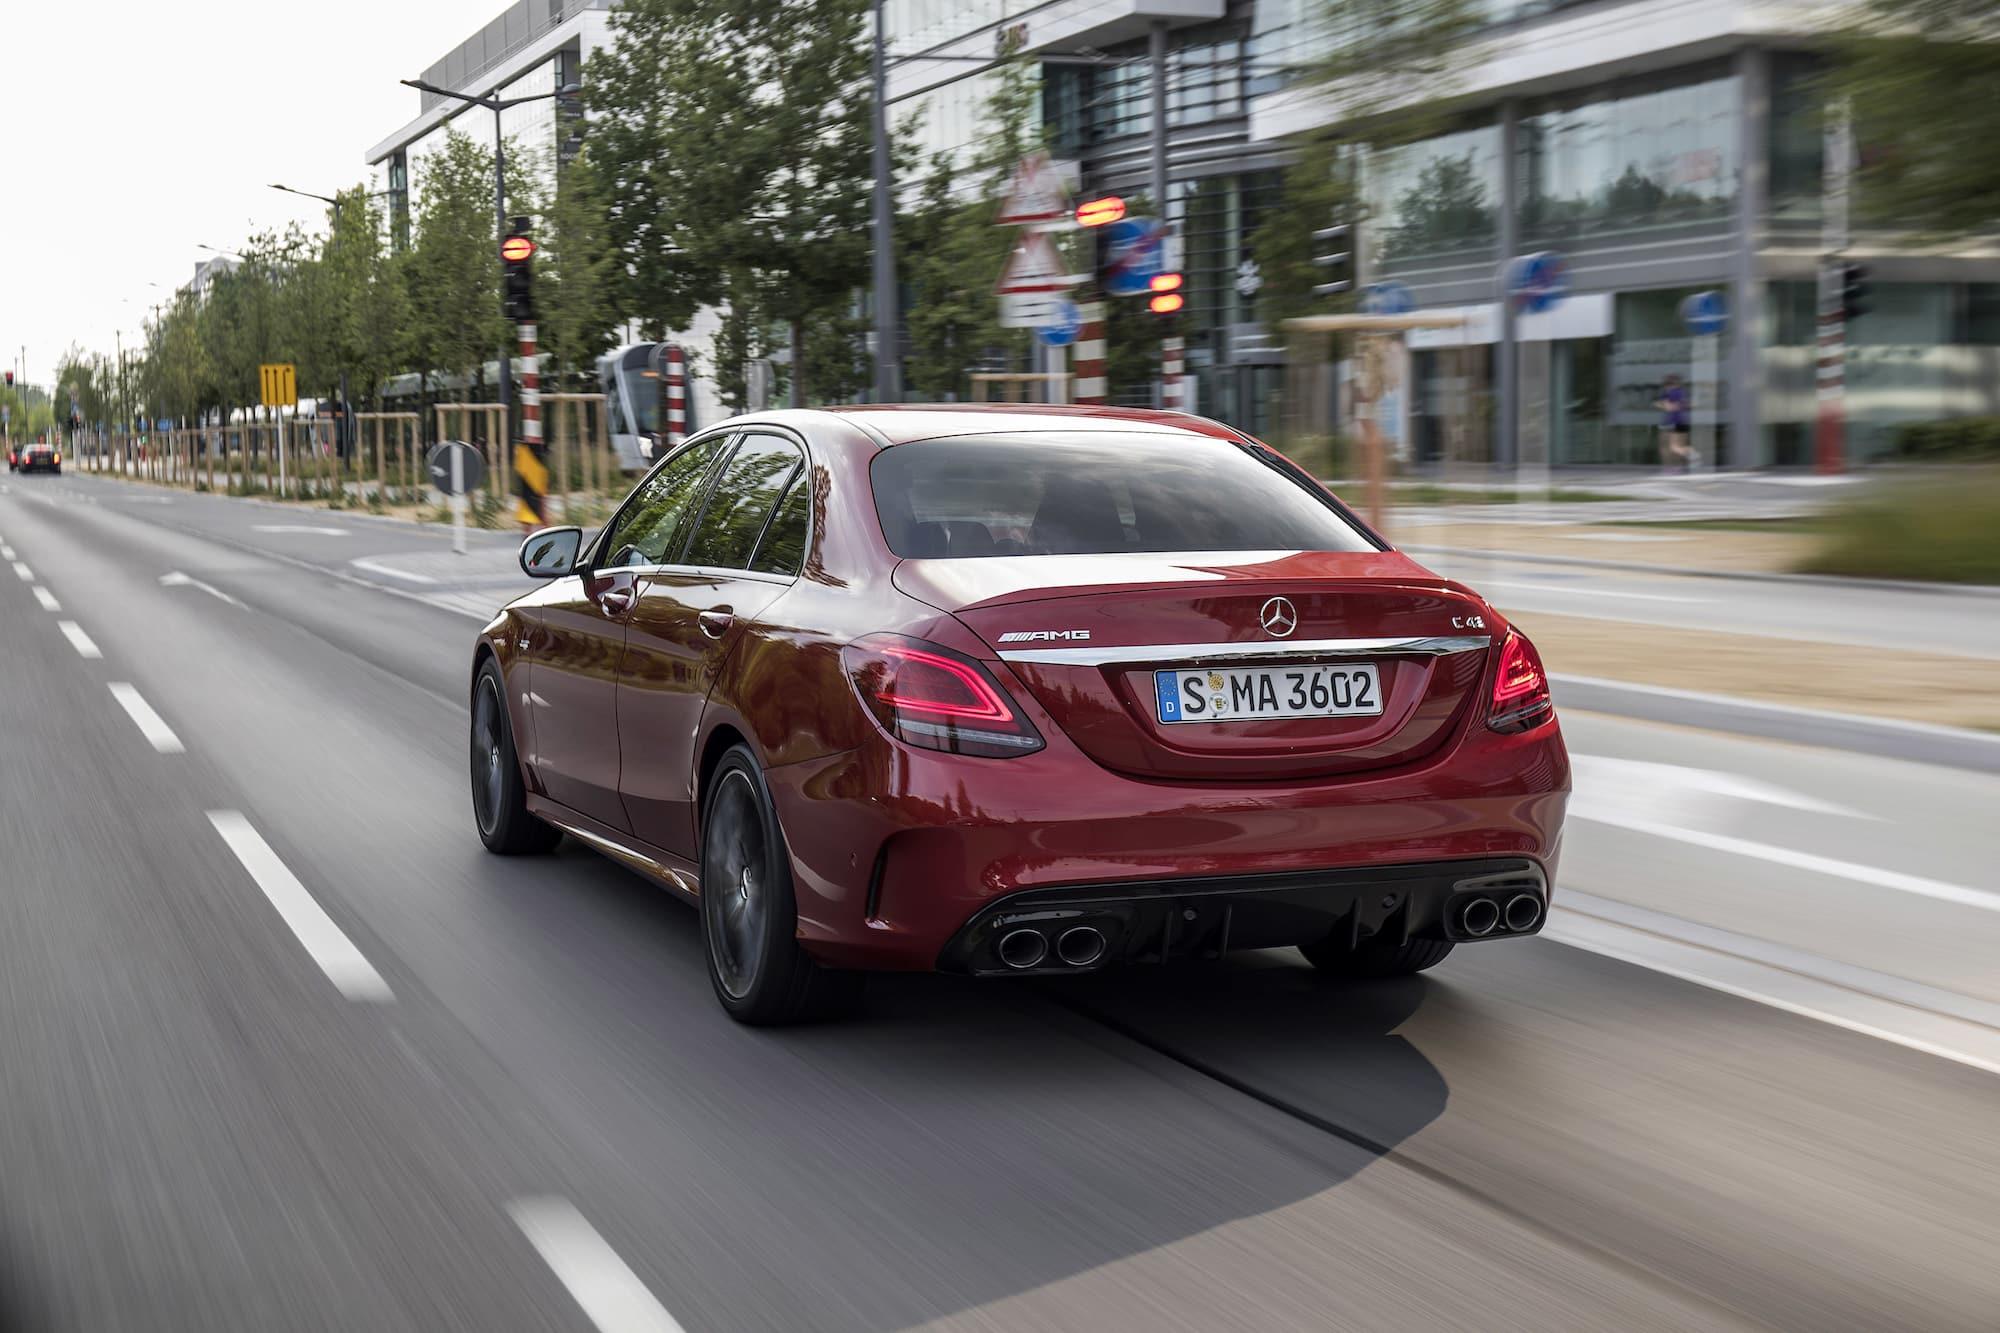 Die neuen Mercedes AMG C 43 4MATIC Modelle